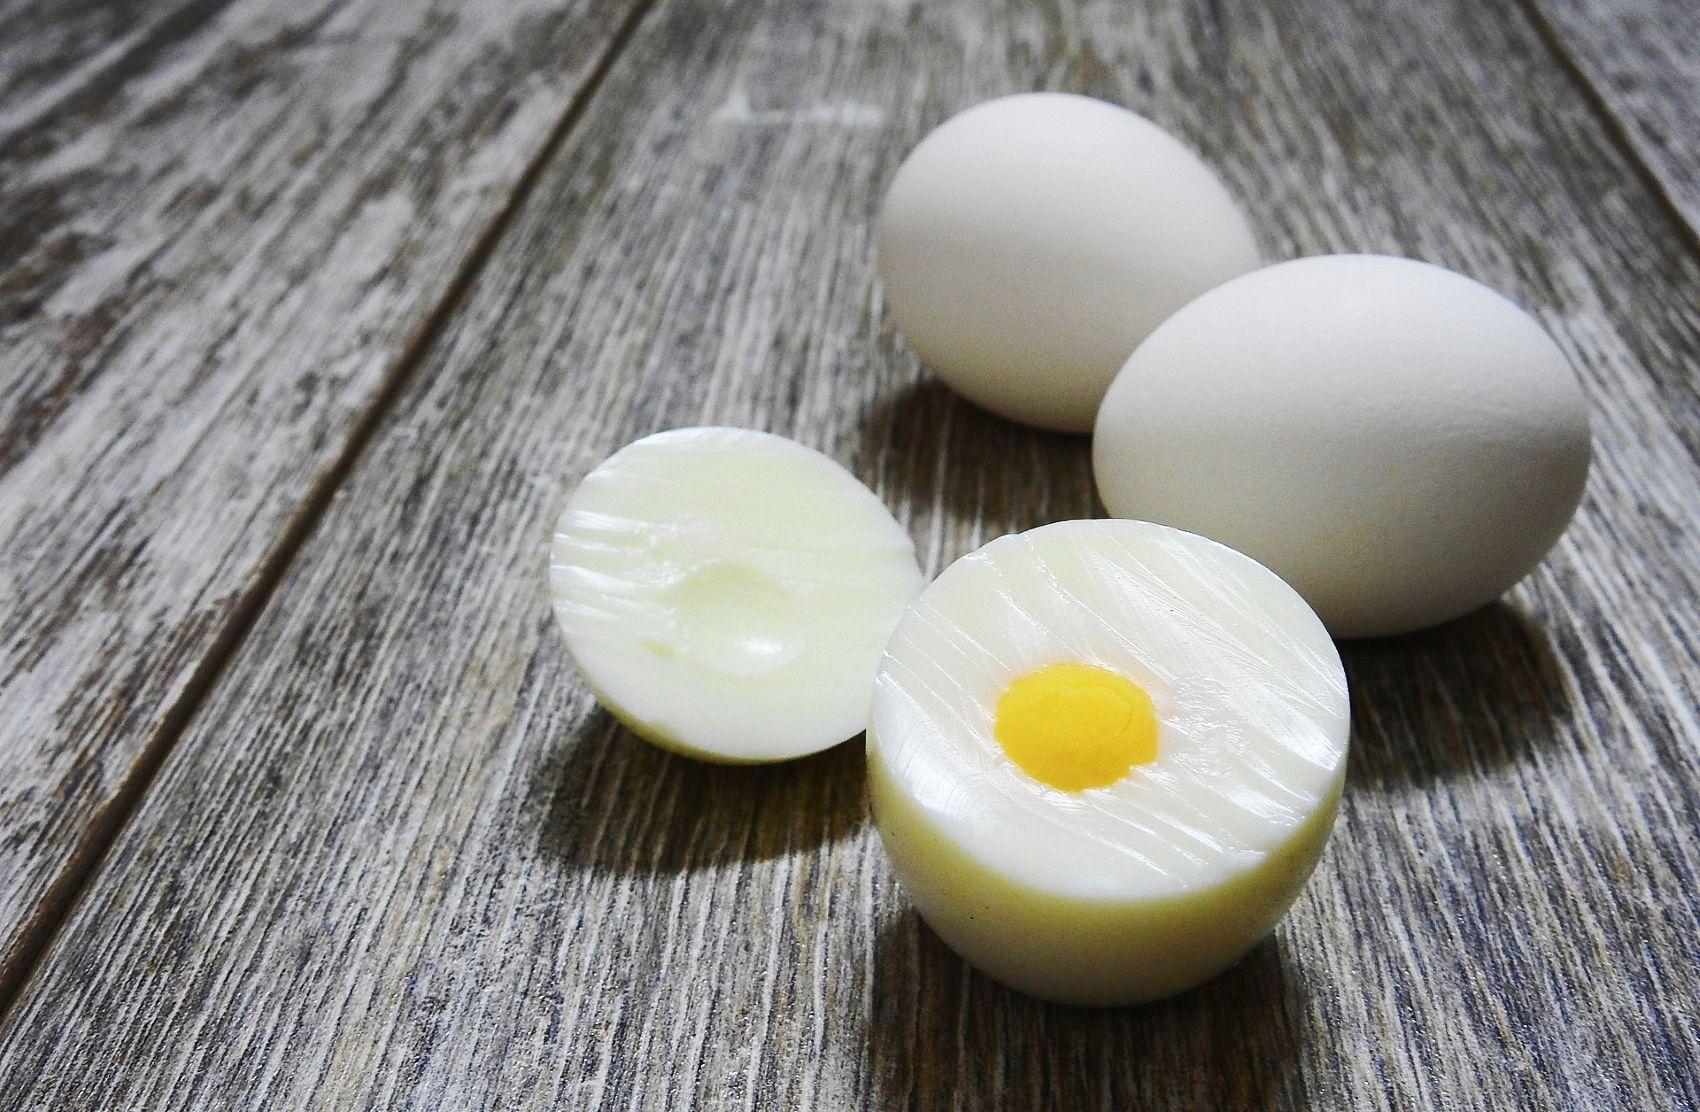 hoeveel eiwit bevat een ei